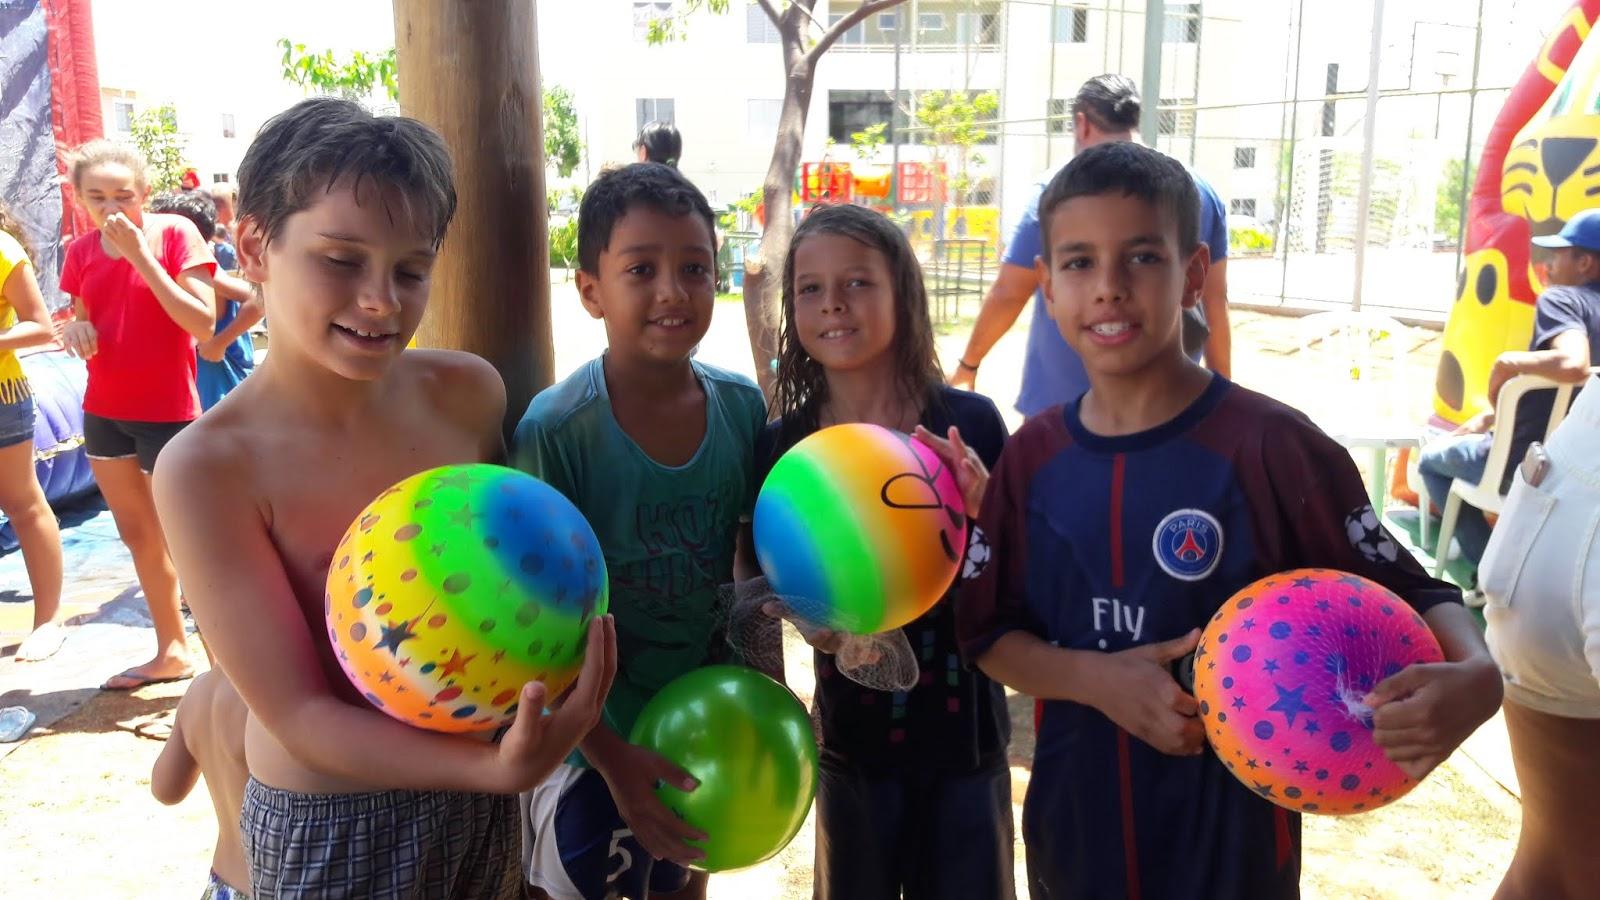 20181012 105715 - 12 de outubro teve festa para as crianças no Jardins Mangueiral